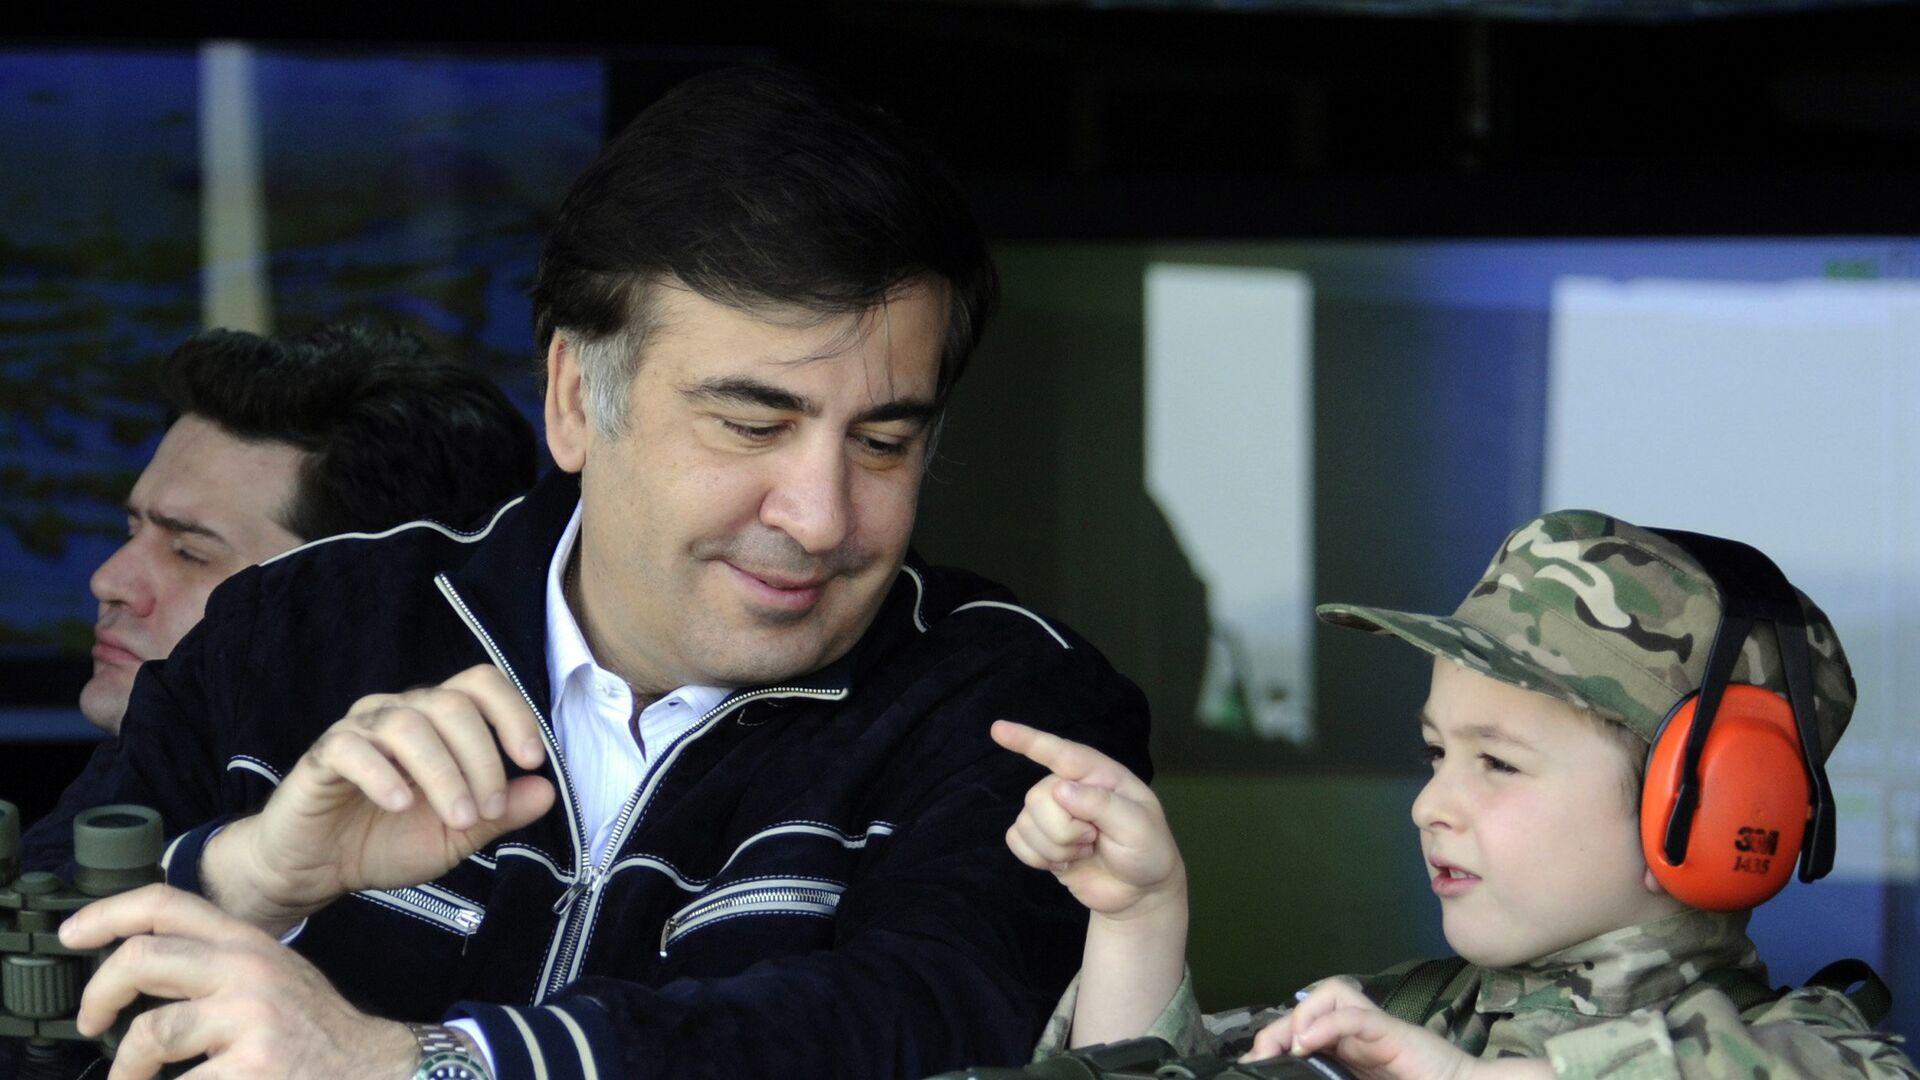 Президент Грузии Михаил Саакашвили (слева) и его сын Николоз на учениях на военной базе Вазиани - Sputnik Грузия, 1920, 13.10.2021